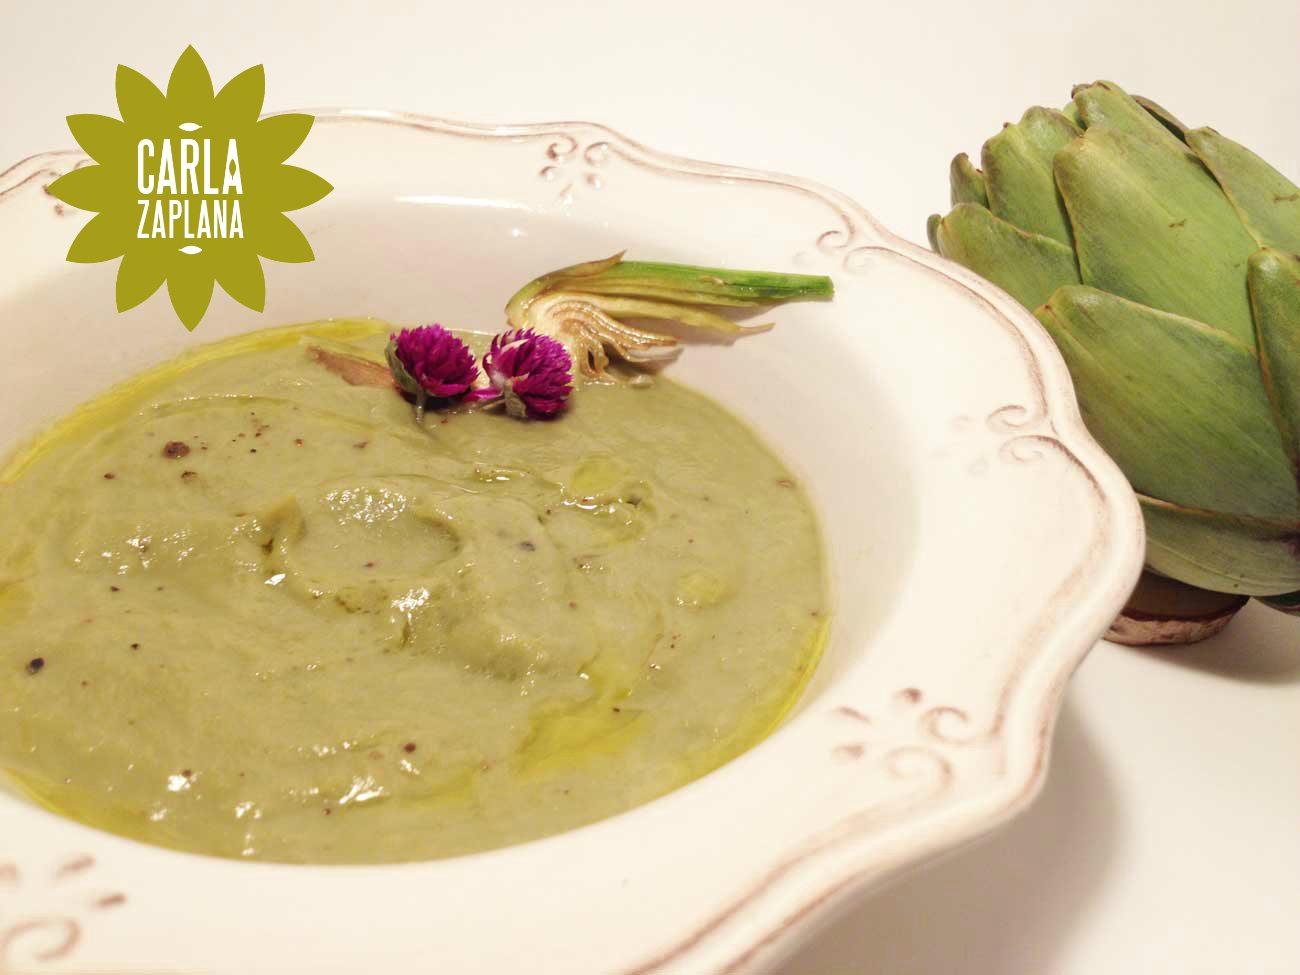 sopa-de-alcachofa-1-carla-zaplana